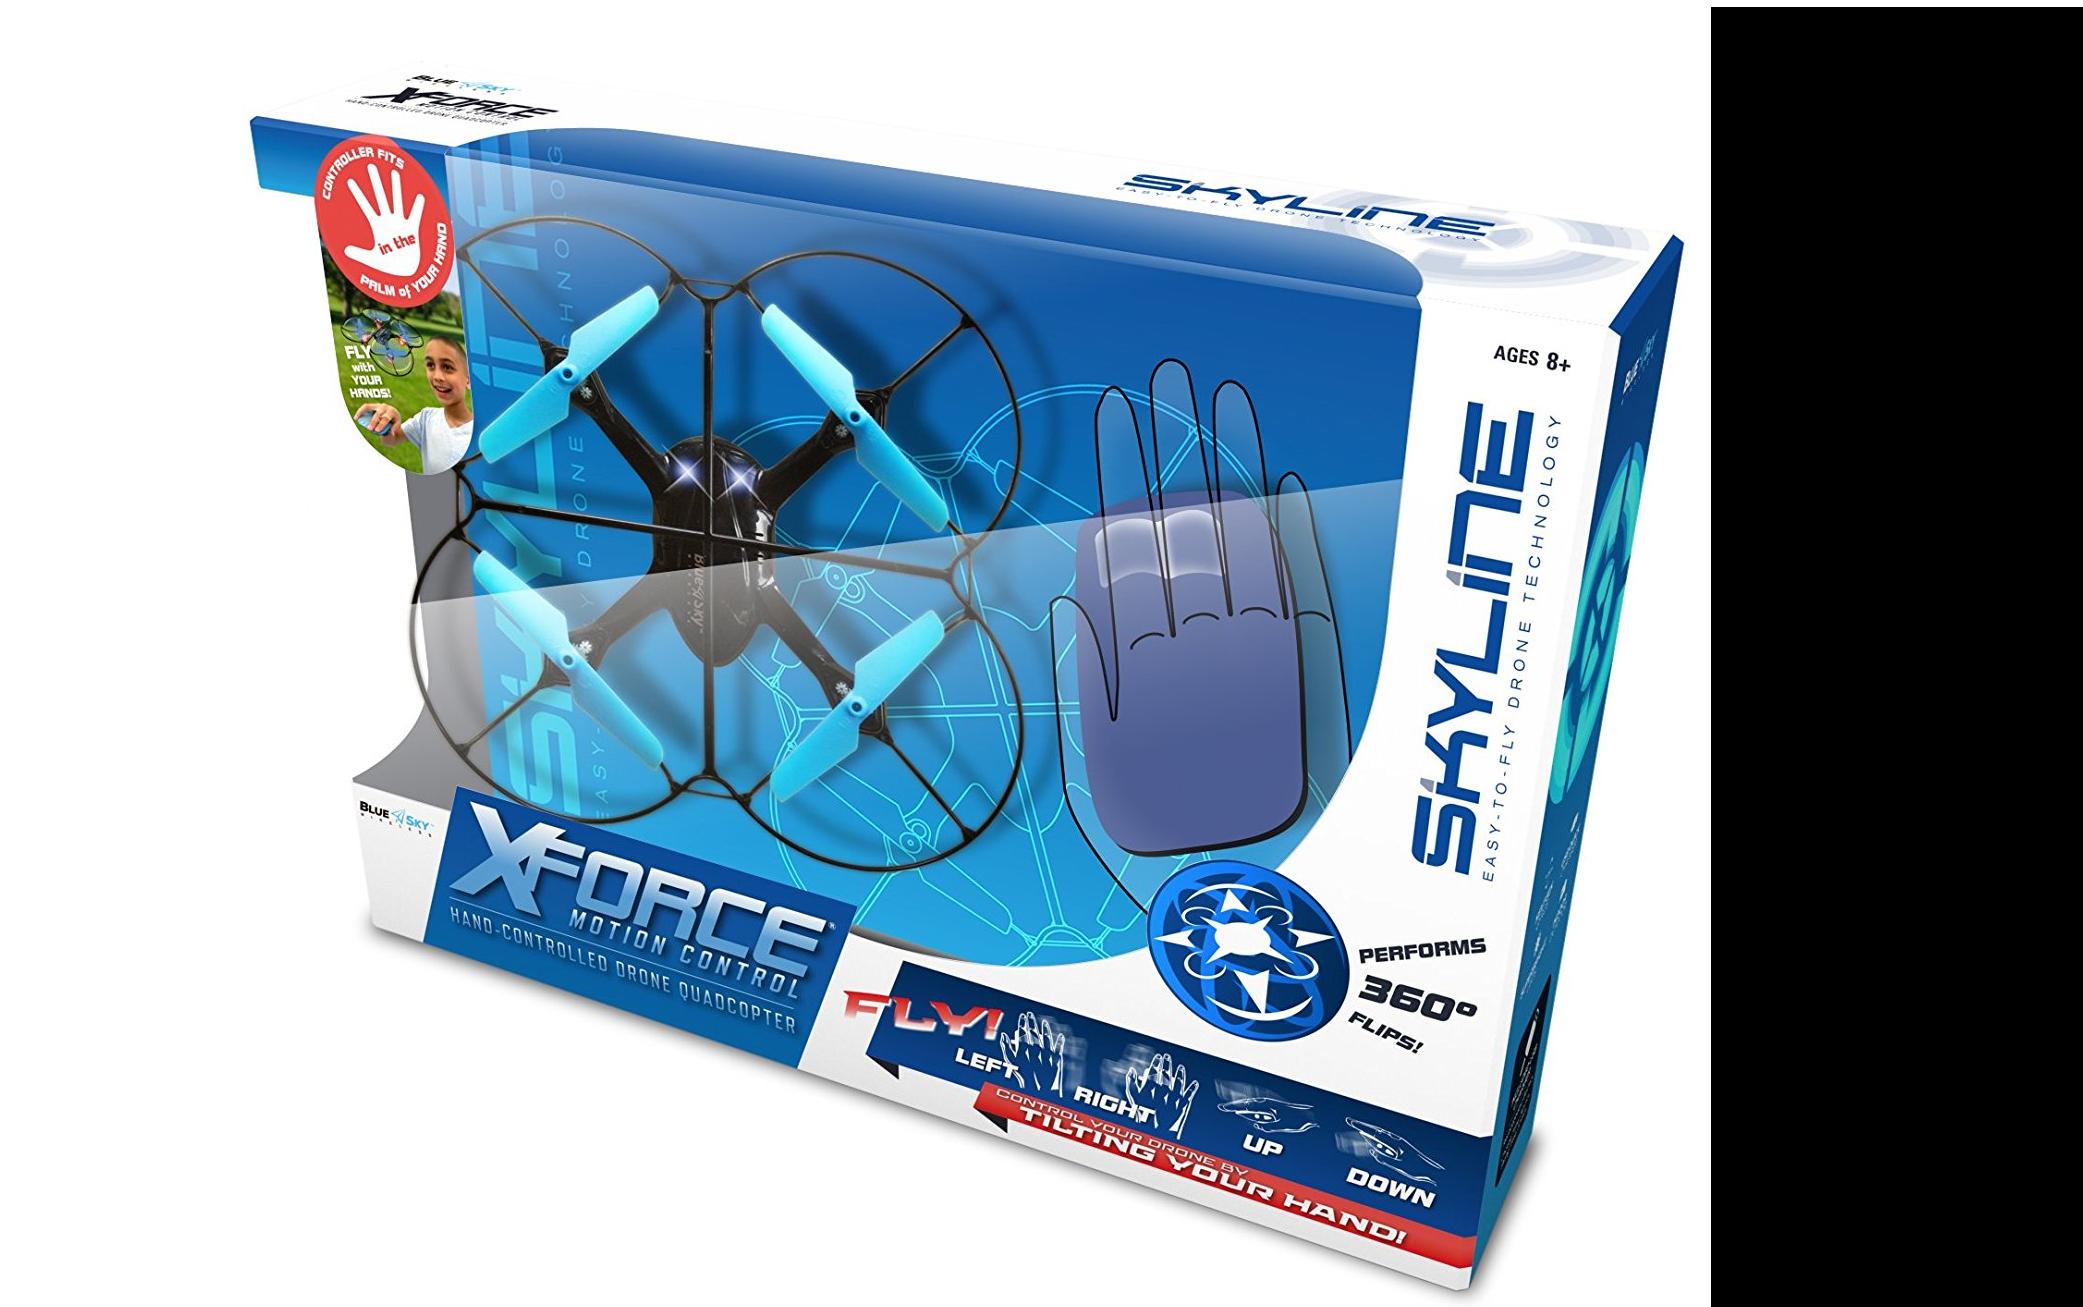 XForce Motion Quad Copter